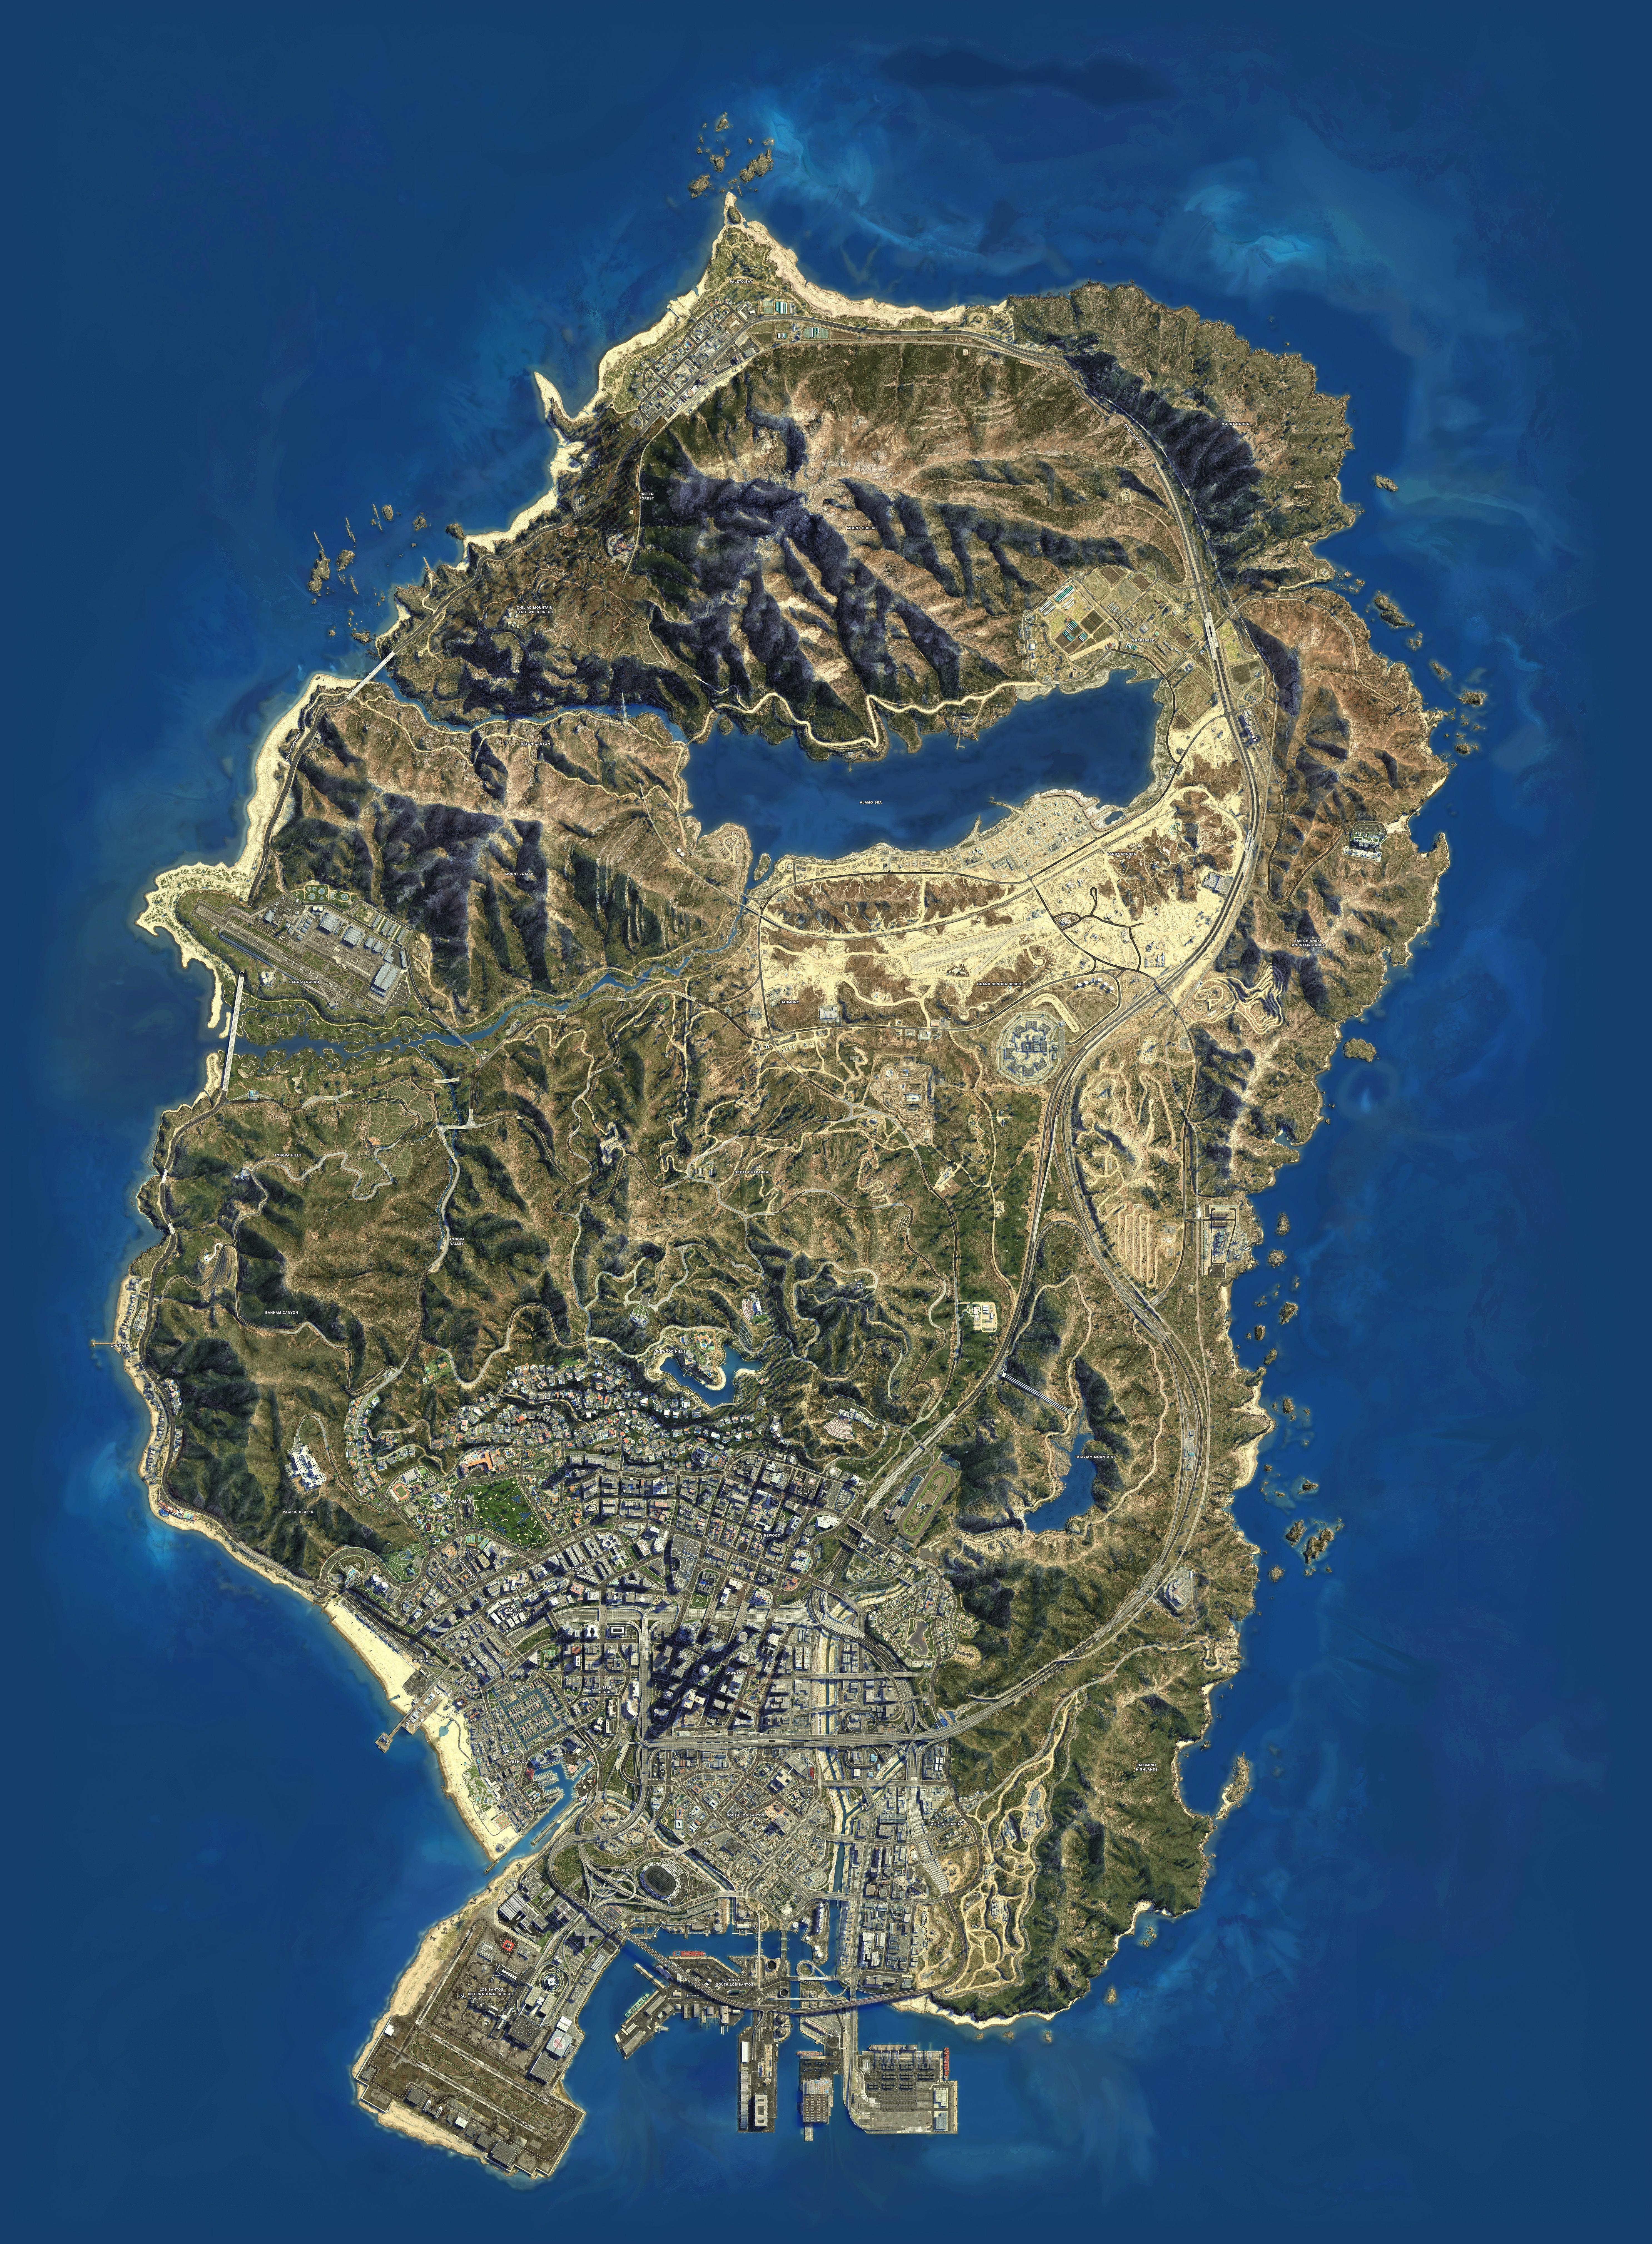 Gta 5 Karte Polizeistation.Gta 5 Map Wie Man Wirklich Alles In Los Santos Findet